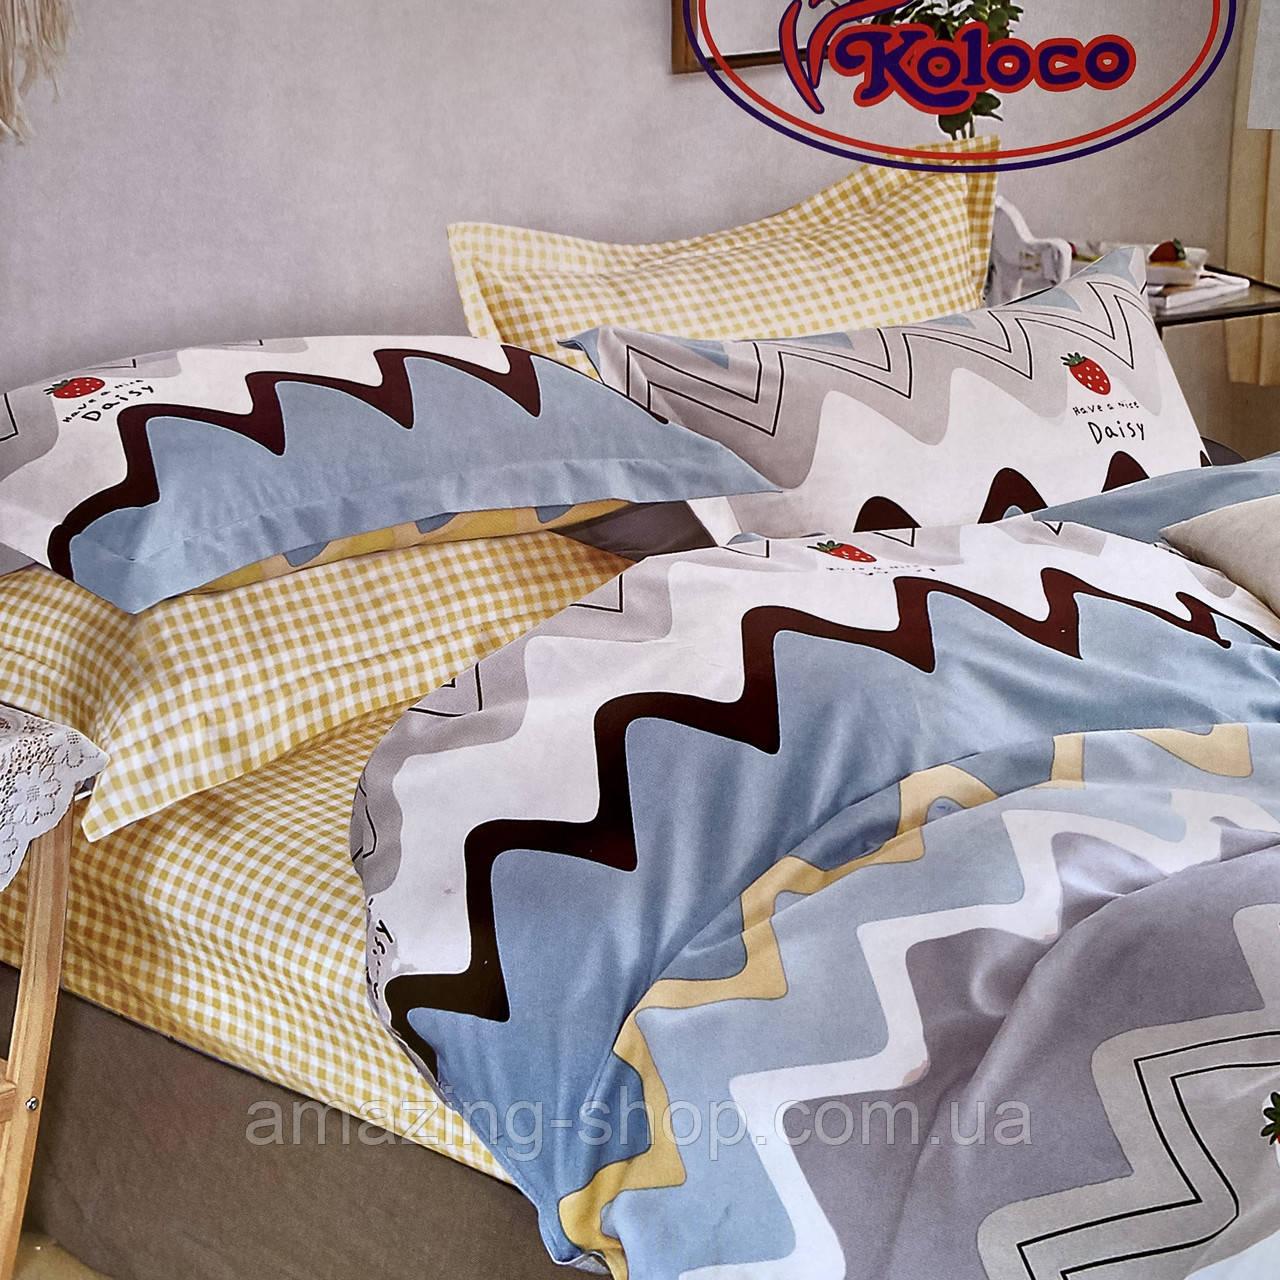 Комплект постільної білизни з фланелі Розмір полуторний 150 * 210